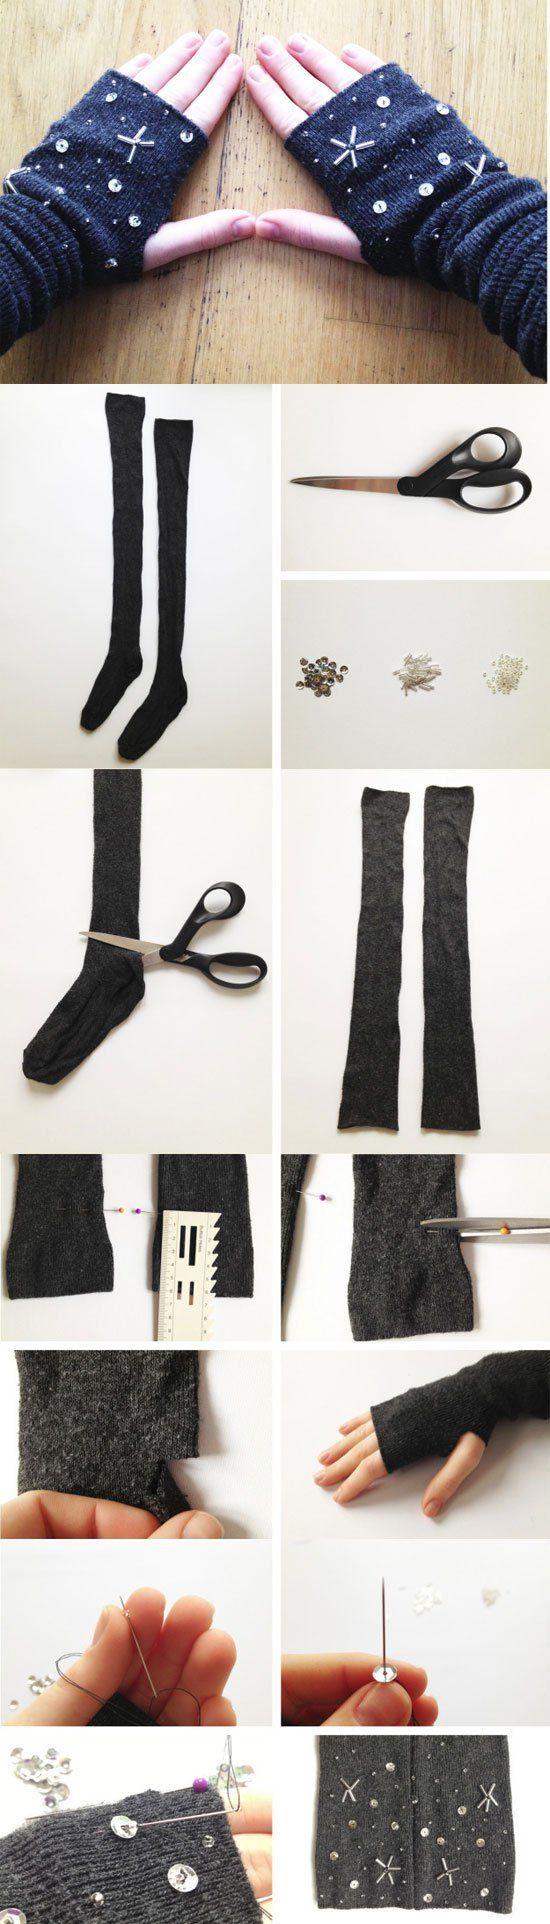 Crra tus guantes de invierno con medias de lana